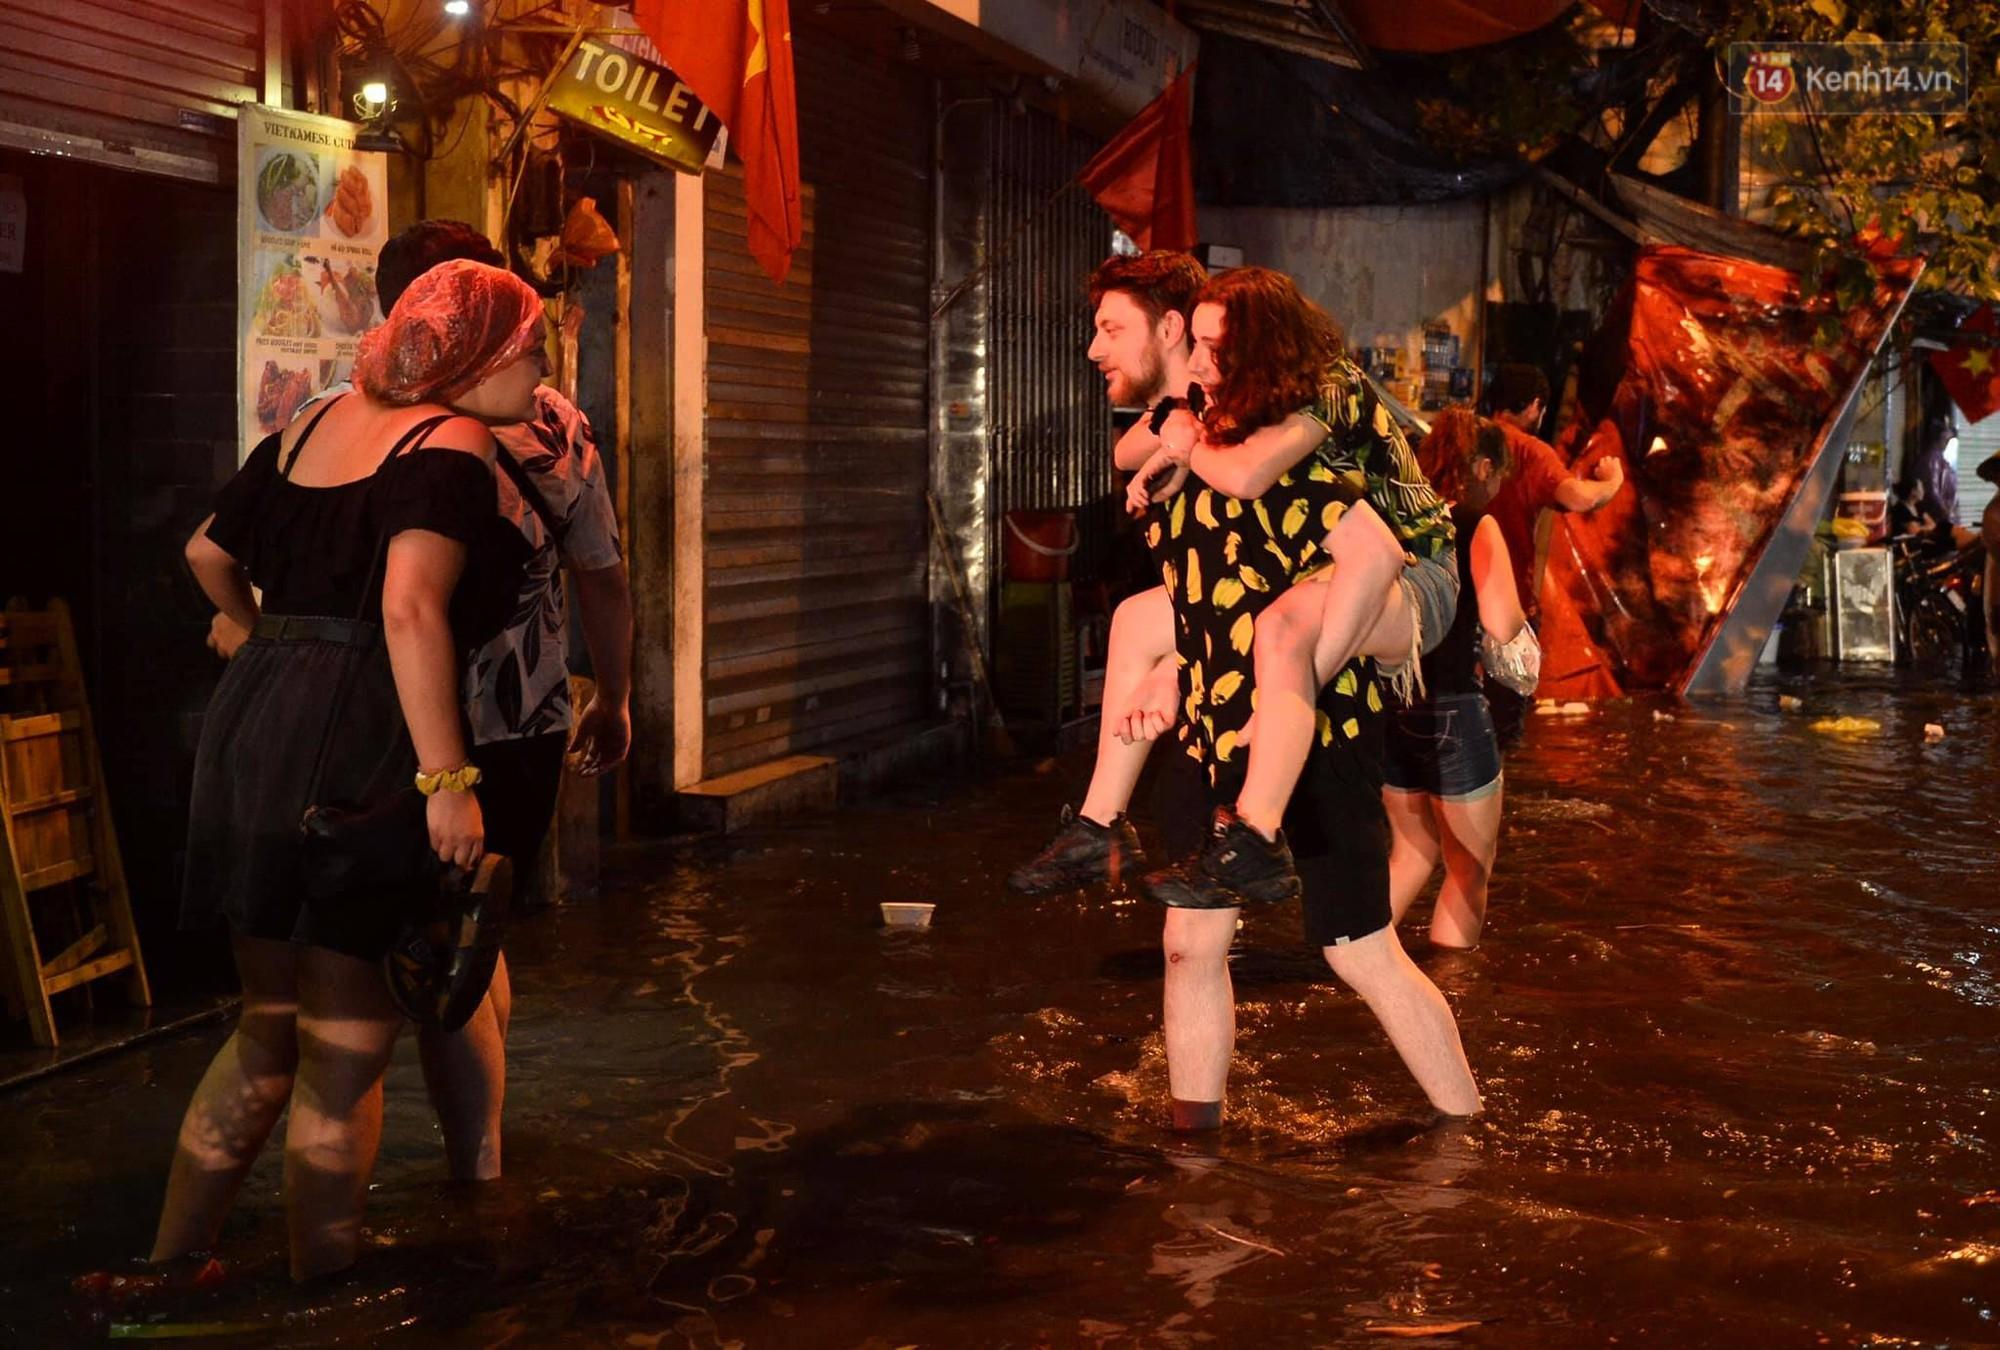 Hà Nội: Phố tây Tạ Hiện - Lương Ngọc Quyến mênh mông nước, nhiều cặp đôi phải cõng nhau di chuyển - Ảnh 4.